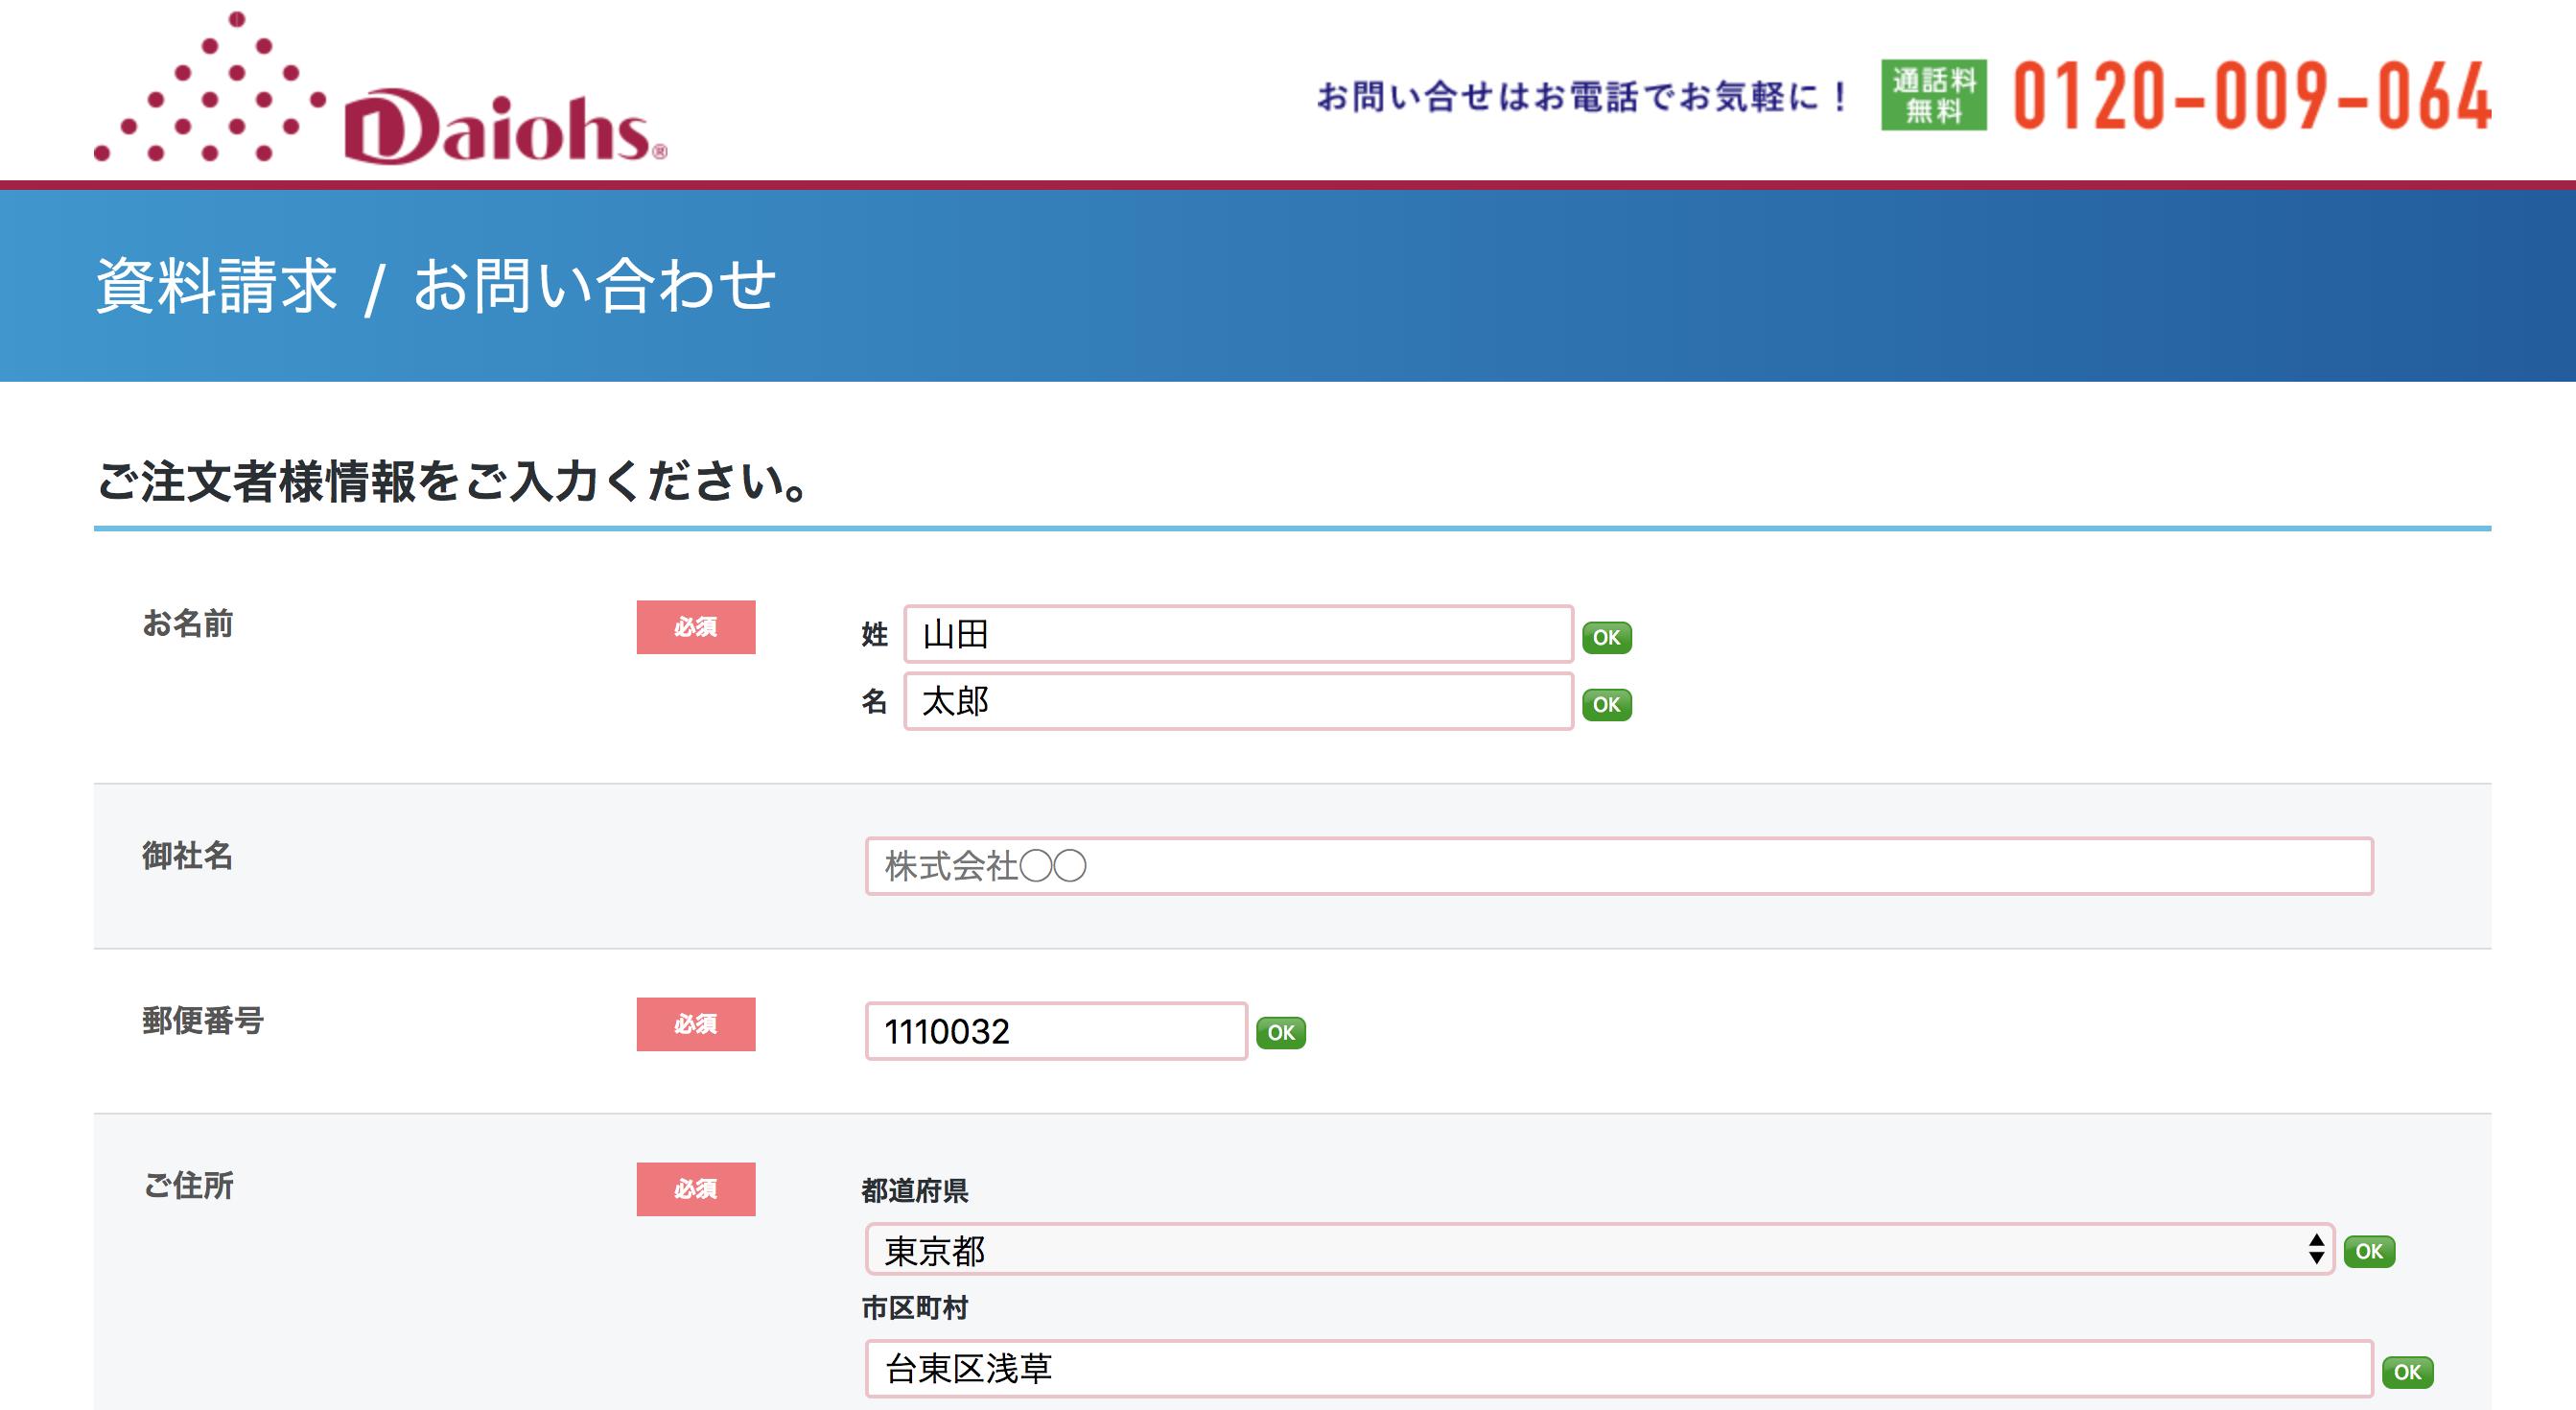 ピュレスト公式サイトの名前と住所入力欄